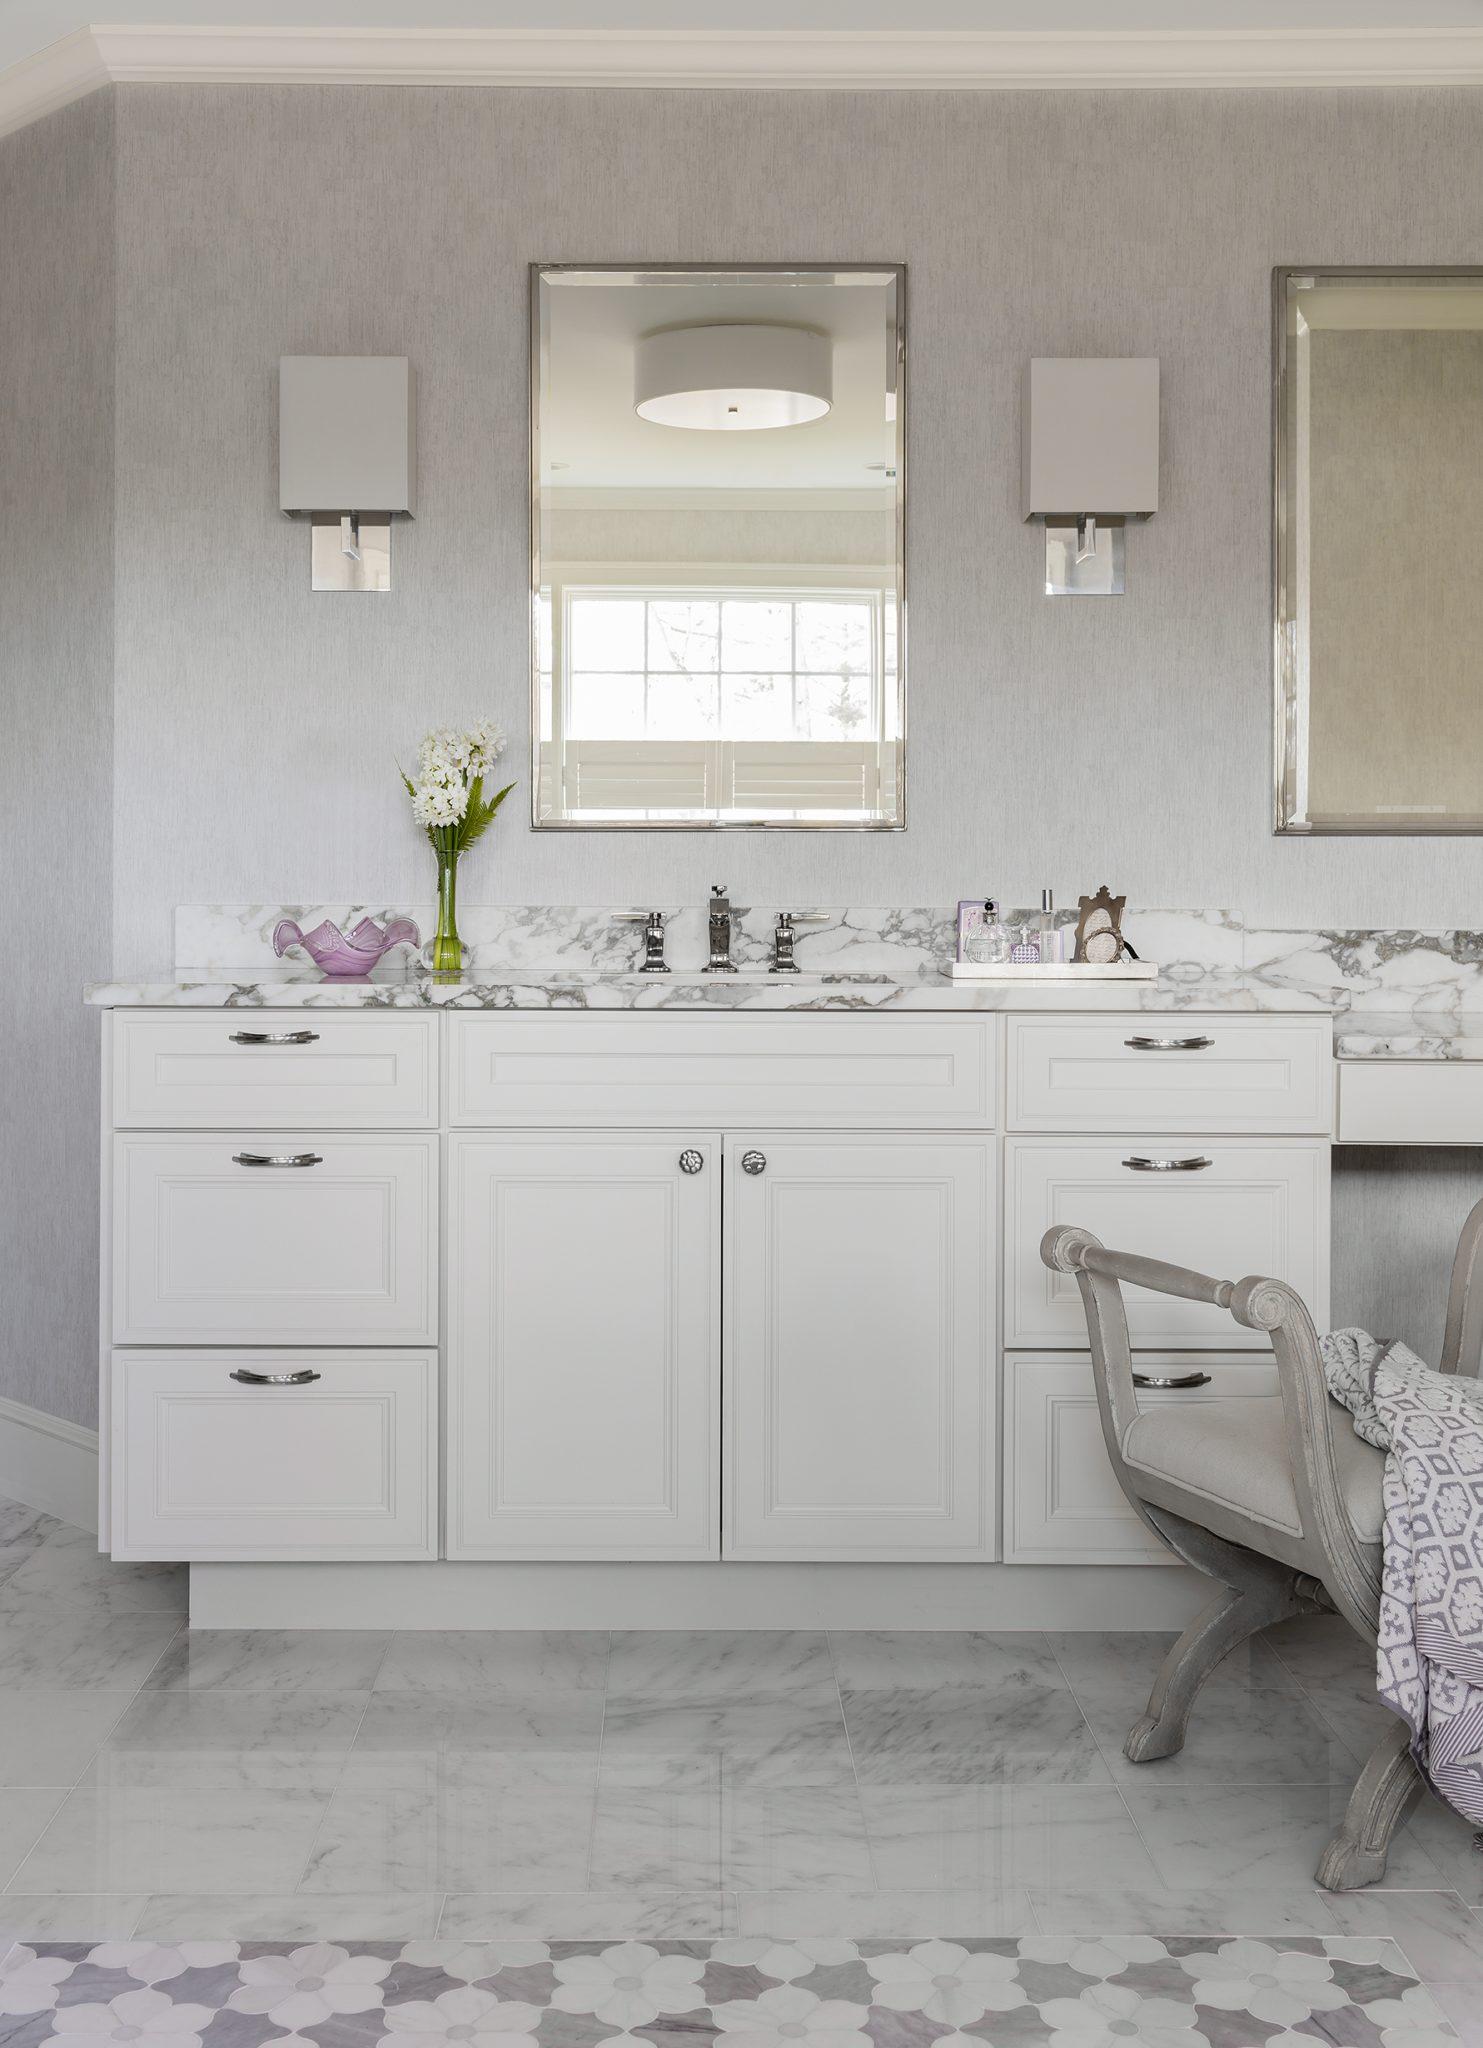 A light-filled master bathroom by Tiffany Leblanc of LeBlanc Design, LLC